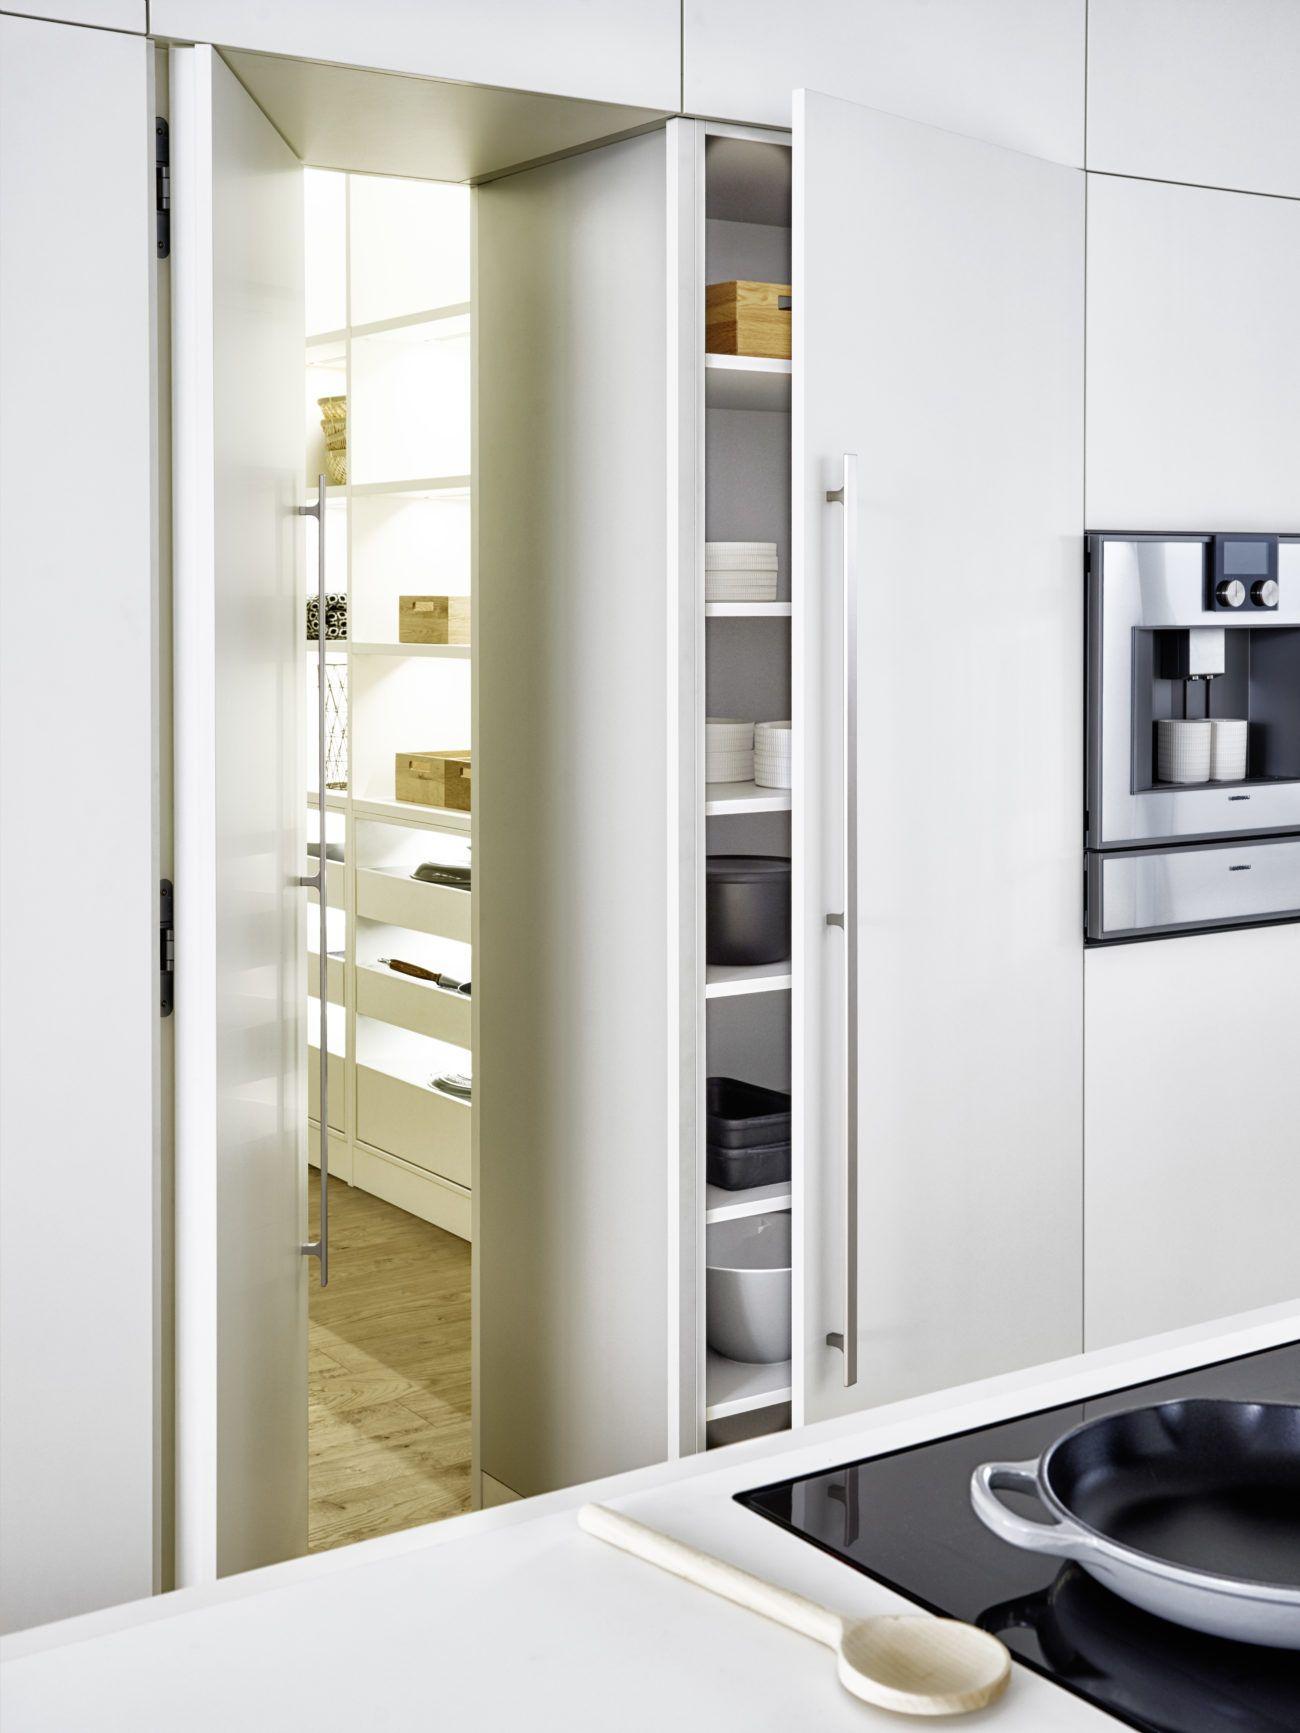 Durch Den Kuchenschrank In Die Speisekammer Kuche Und Hauswirtschaftsraum Von Leicht Schuller Und Siematic Stilvolle Kuche Hauswirtschaftsraum Kuchendesign Modern